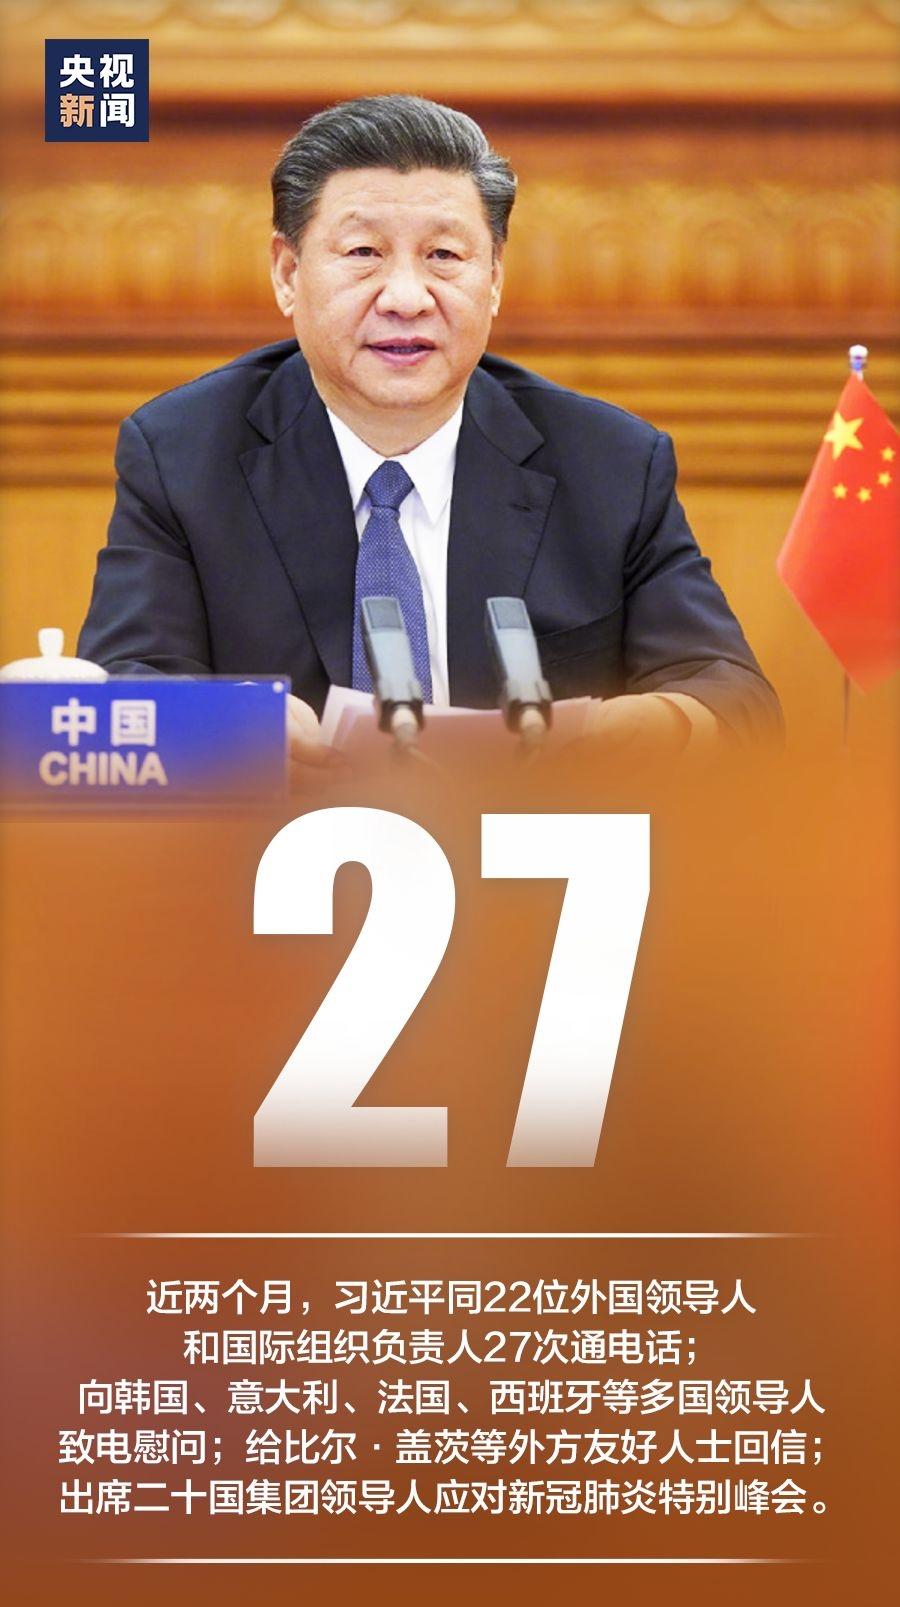 这就是中国担当!